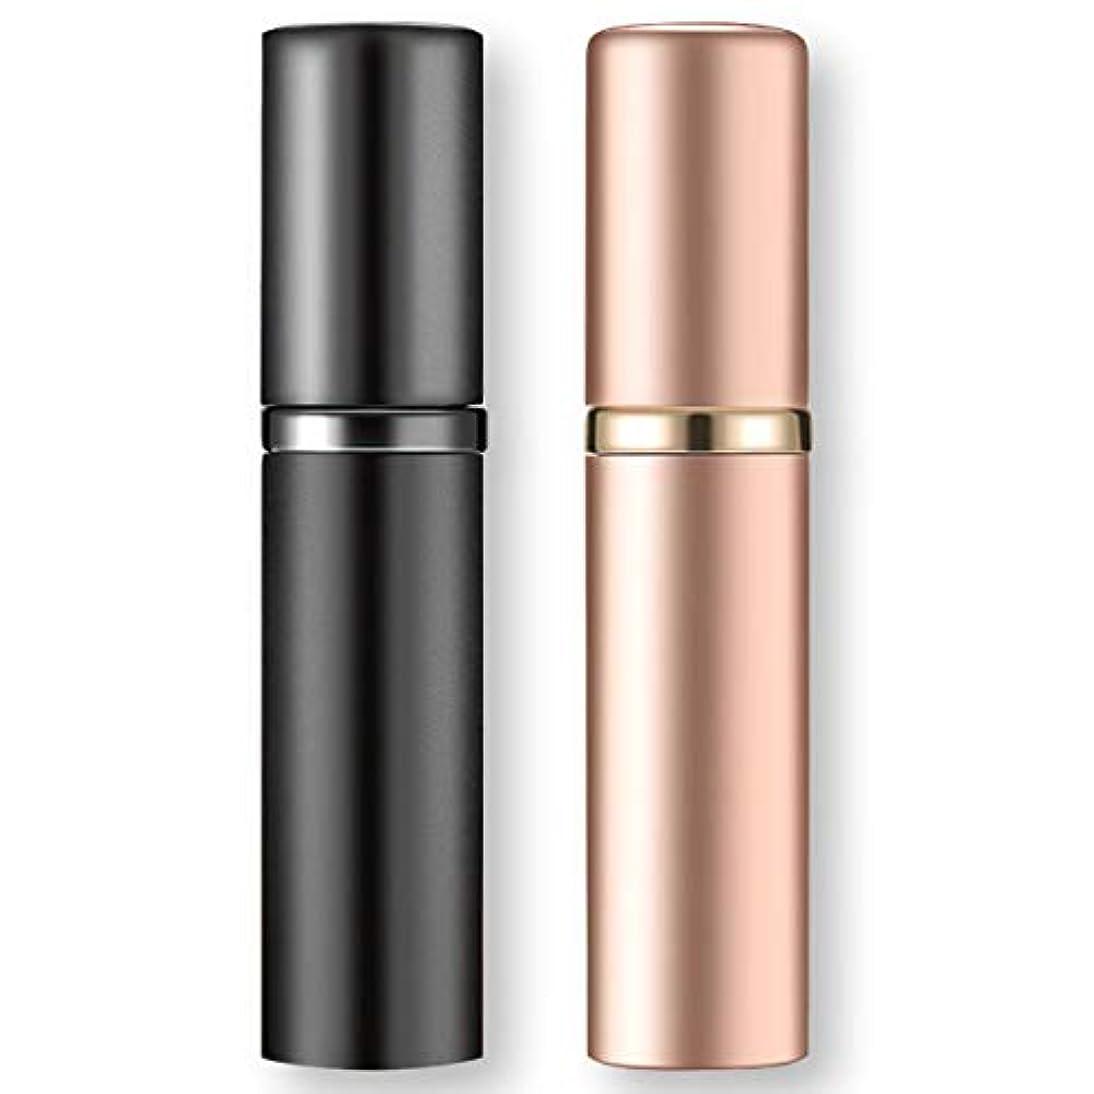 デイジーハンマーデッドフェリモア アトマイザー 香水 詰め替え クイック補充 漏斗不要 旅行用 機内持ち込み可 2色セット